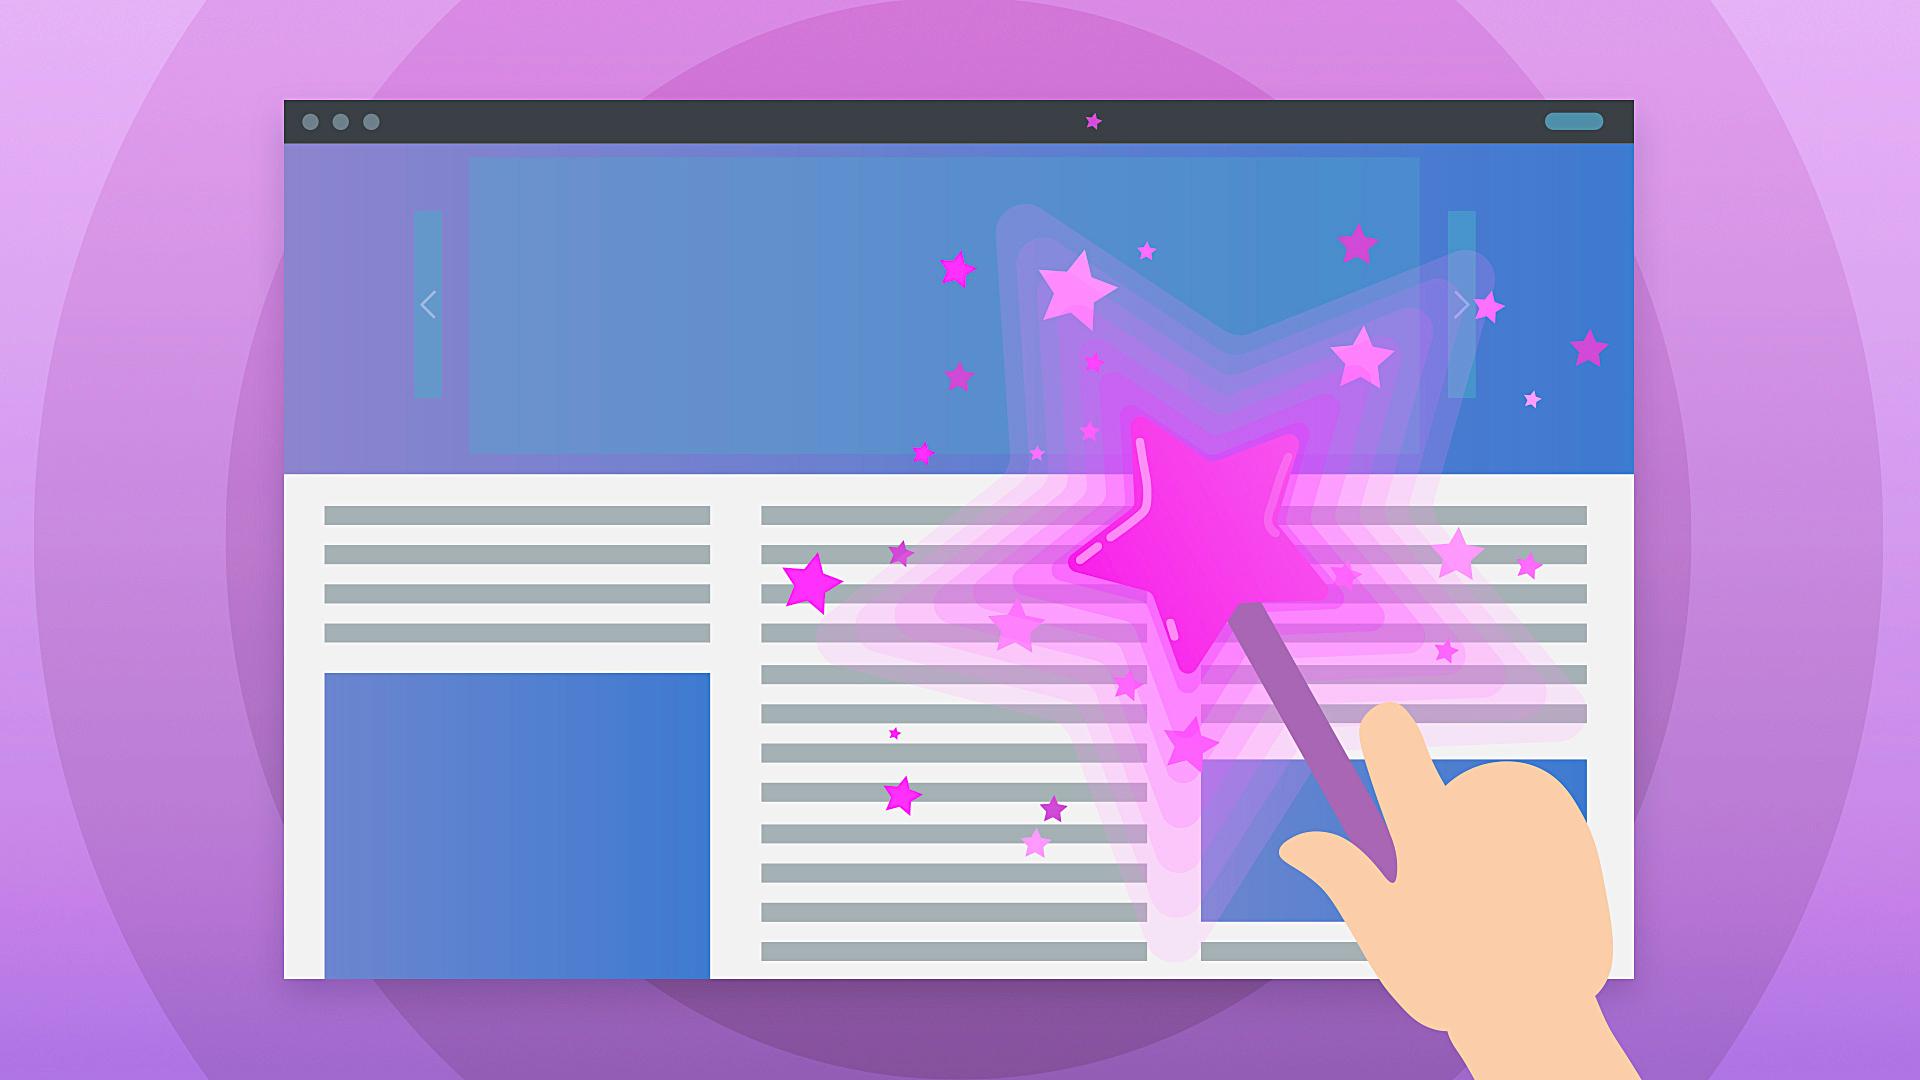 Вебинар CSS-фильтры и эффекты: как сделать красиво фото